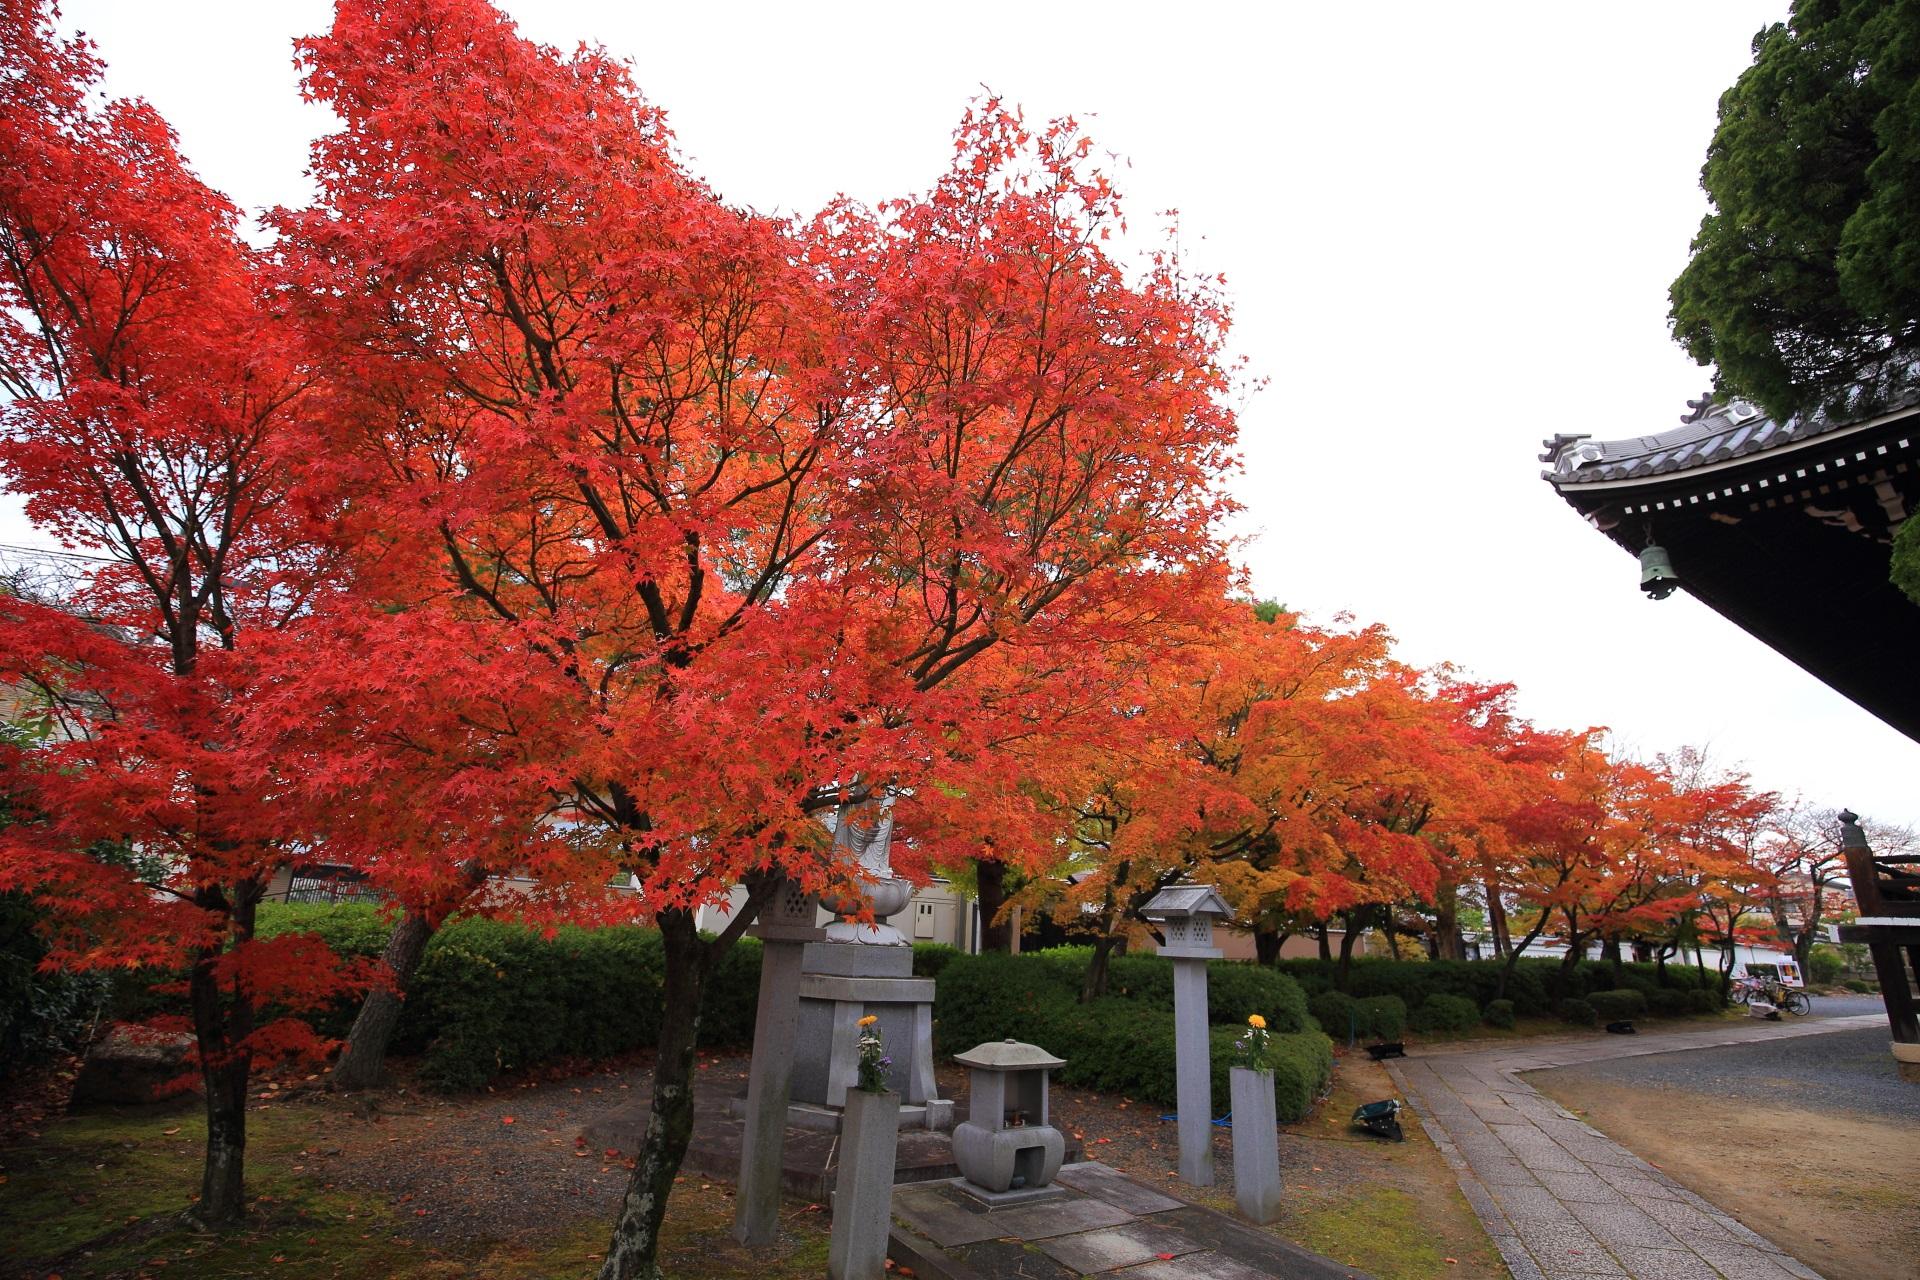 西陣の街中にある紅葉の隠れた名所の妙顕寺